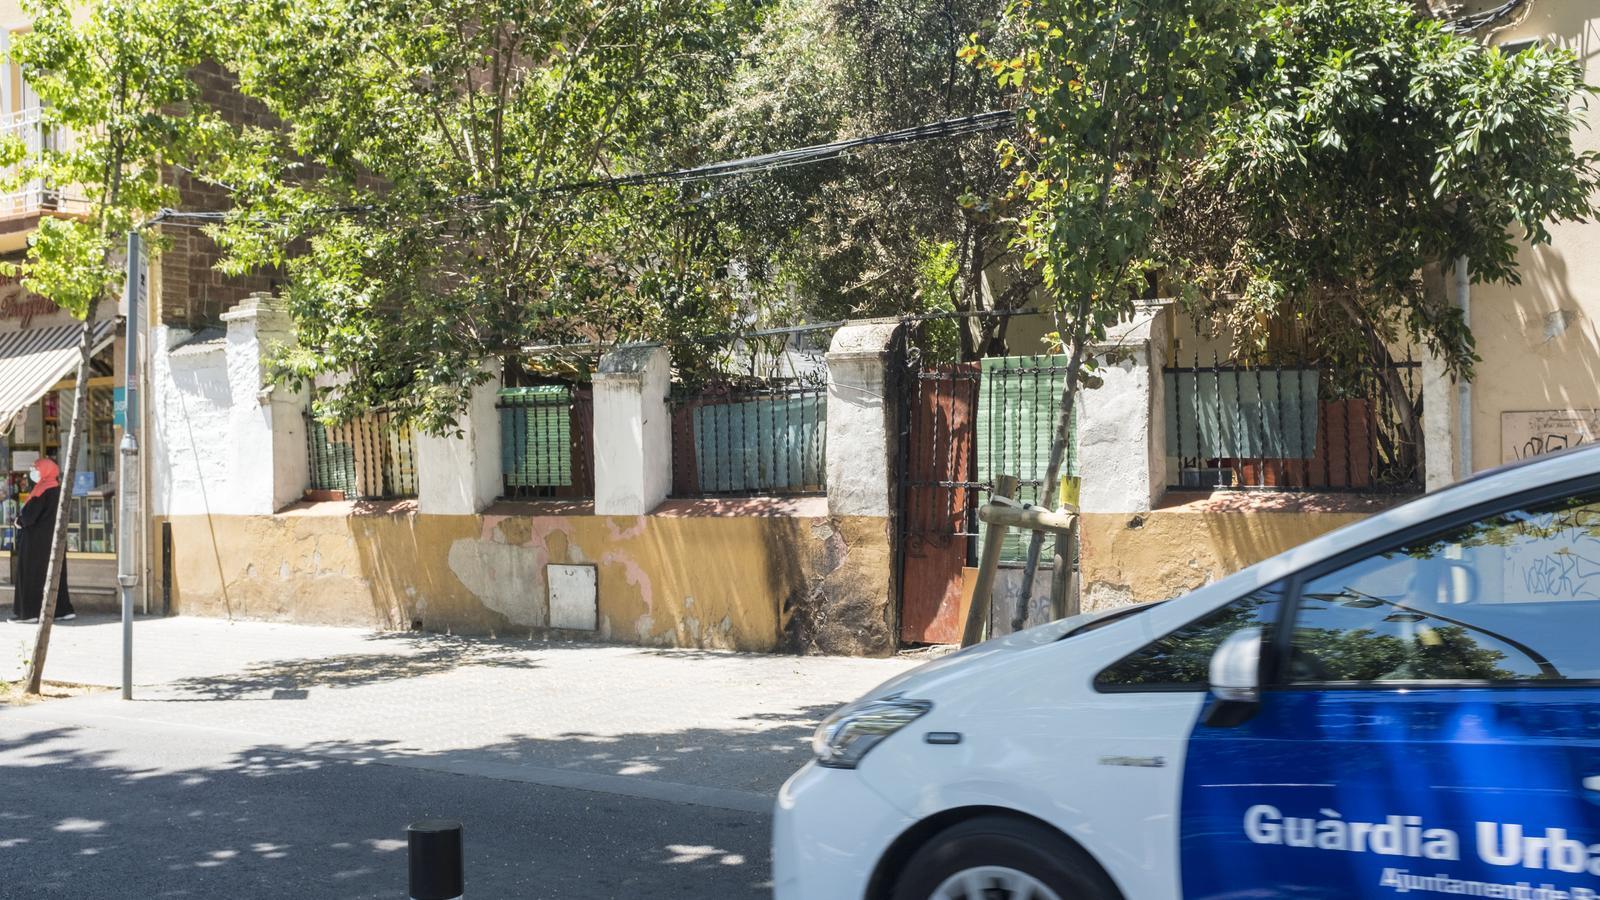 L'ocupació d'una casa tensa la relació veïnal a la Trinitat Vella